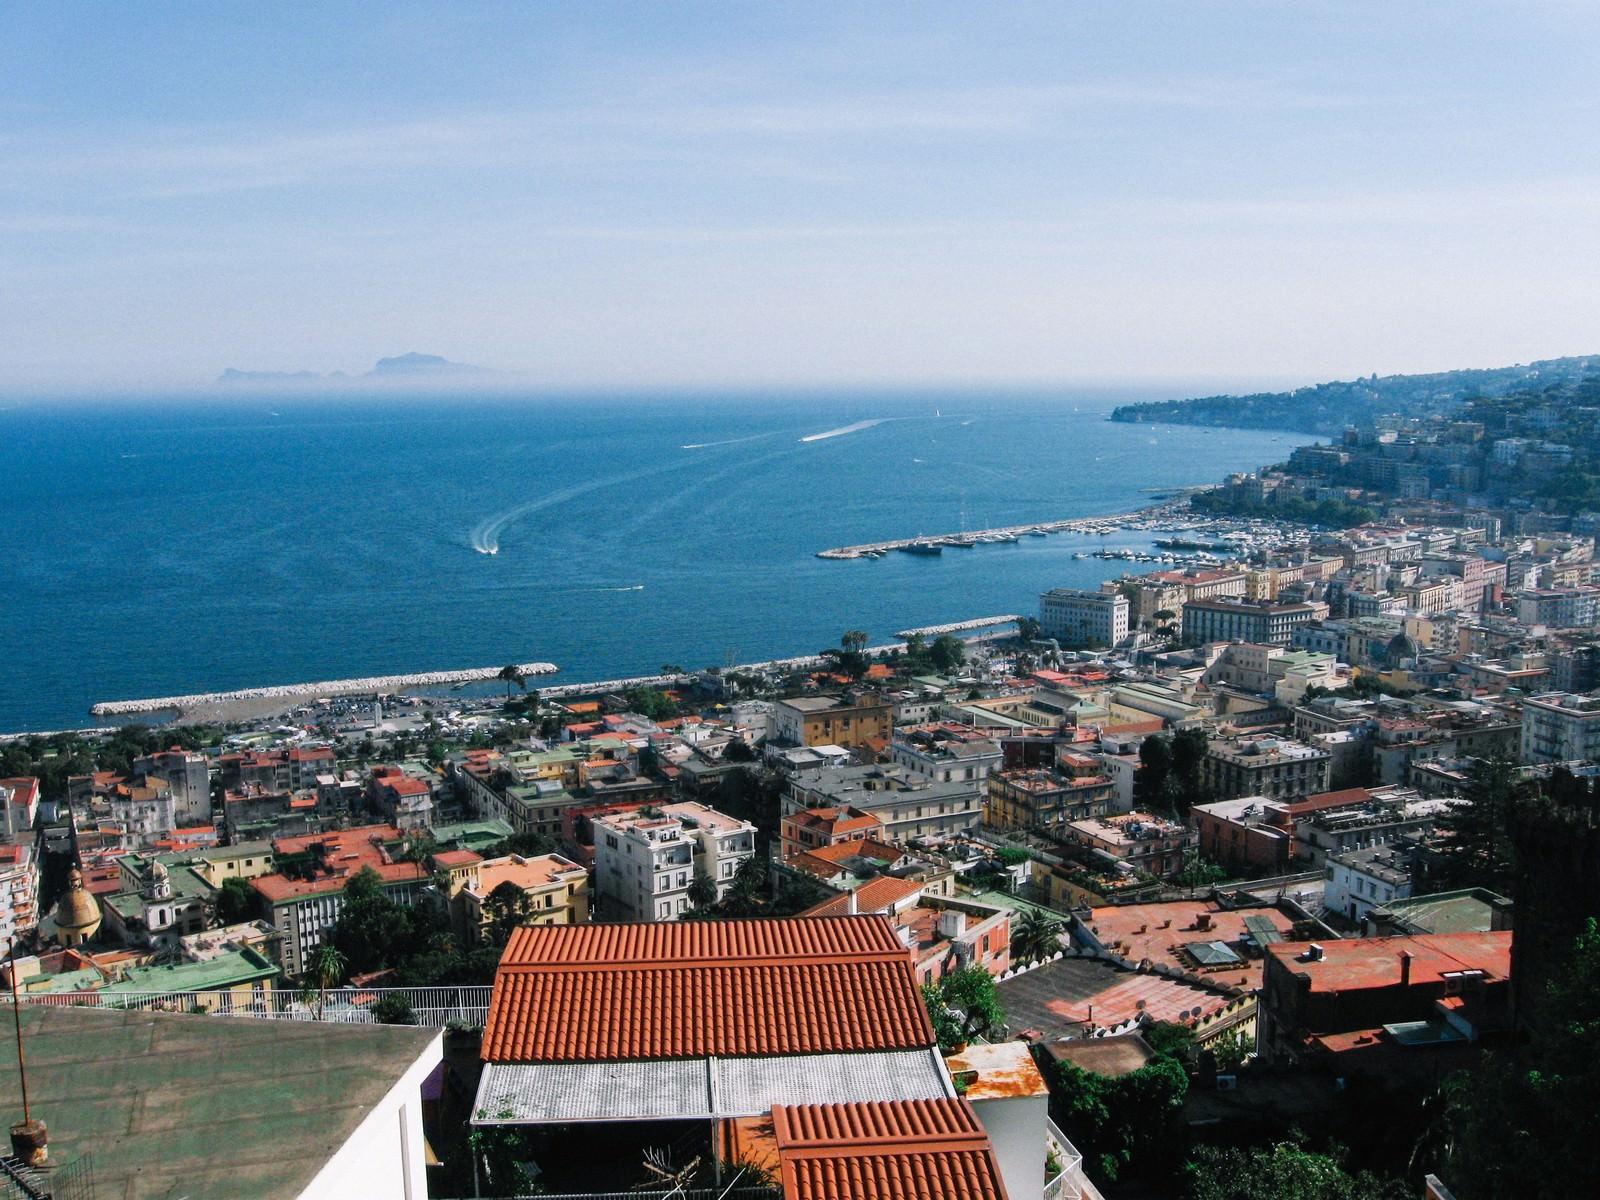 「ナポリの海と眼下に広がる街並み(イタリア)」の写真